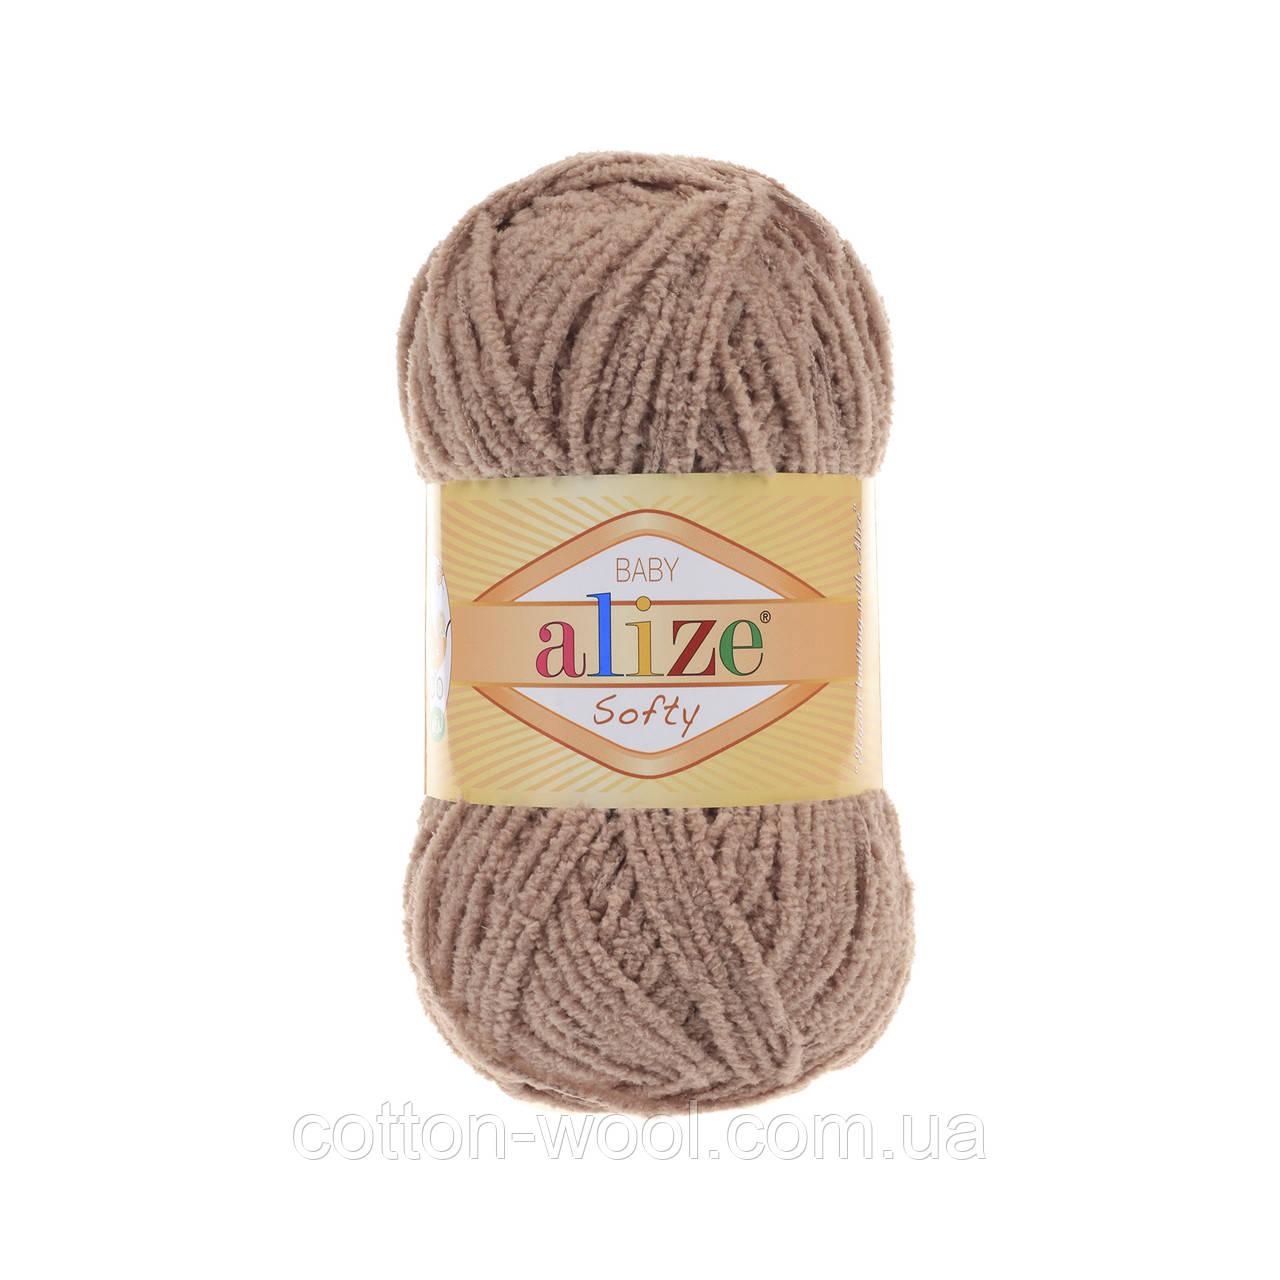 Alize Softy (Ализе Софти) 617 плюшевая пряжа